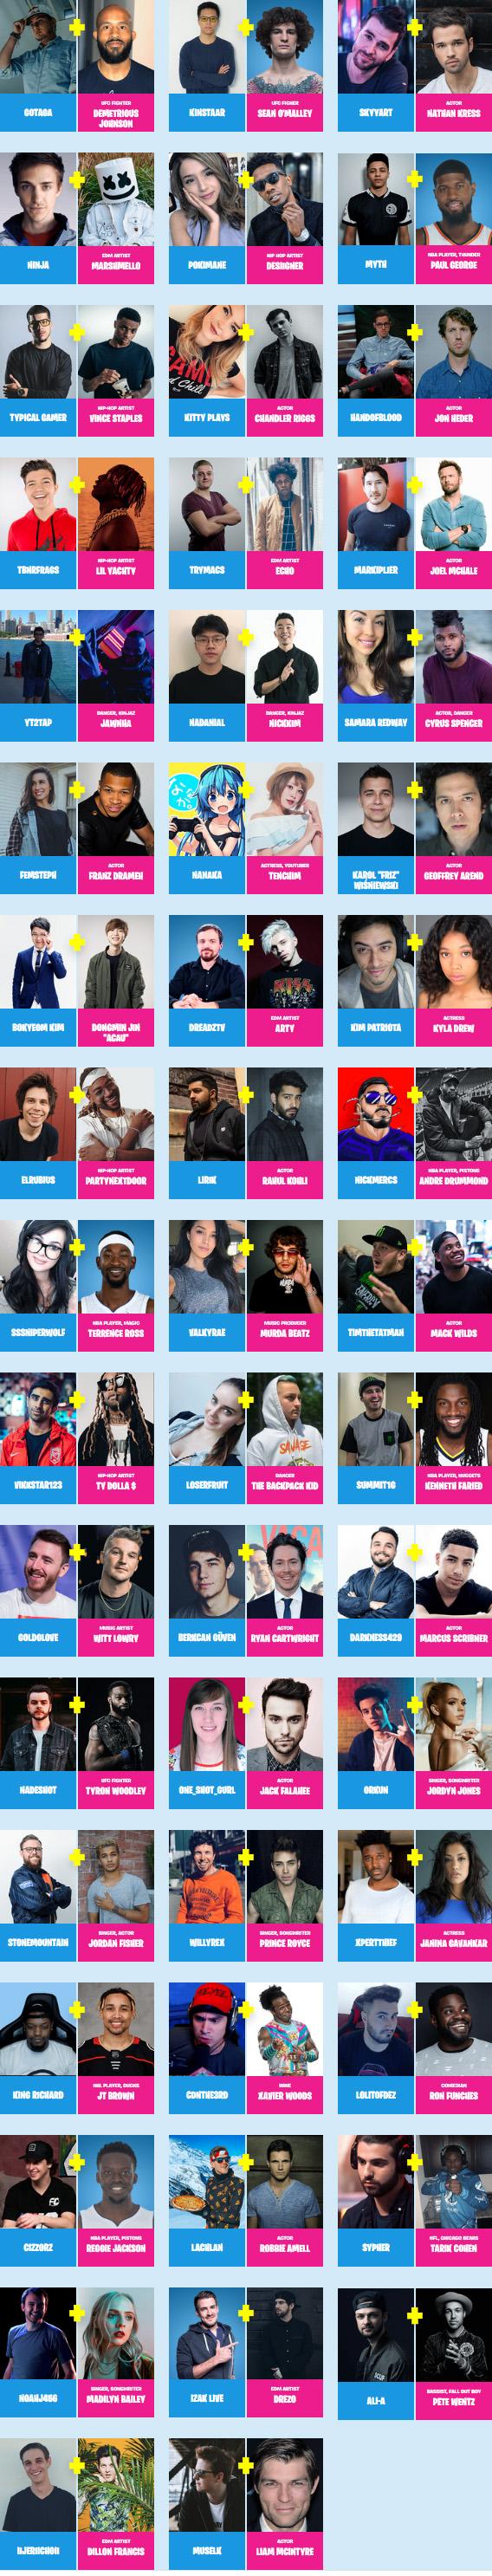 cliquez pour voir la liste des 100 personnes presentes - tournois fortnite france